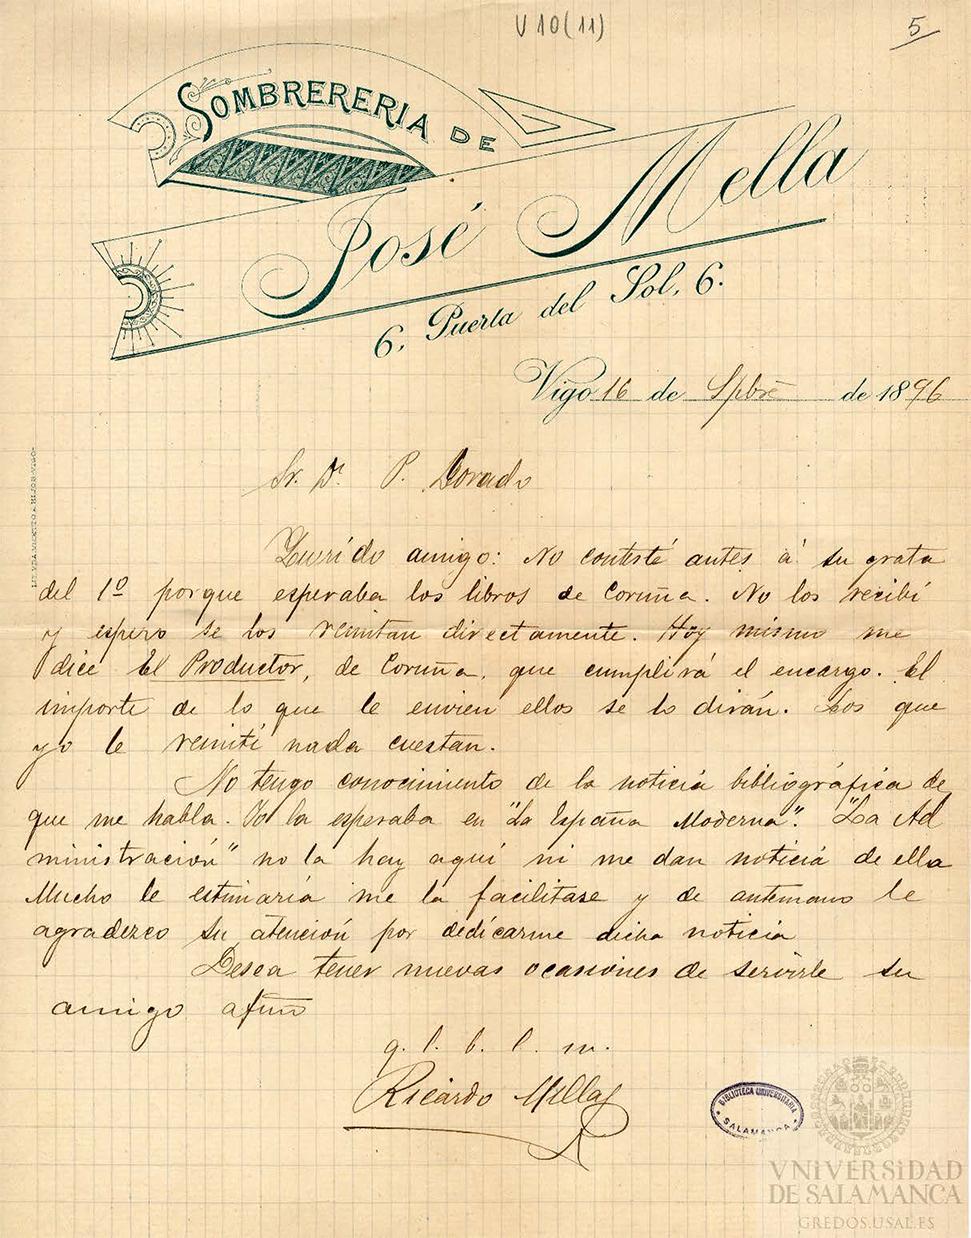 Membrete de una carta de Ricardo Mella a Pedro Dorado, con la última instalación de la sombrerería de Jose Mella Buján en Vigo